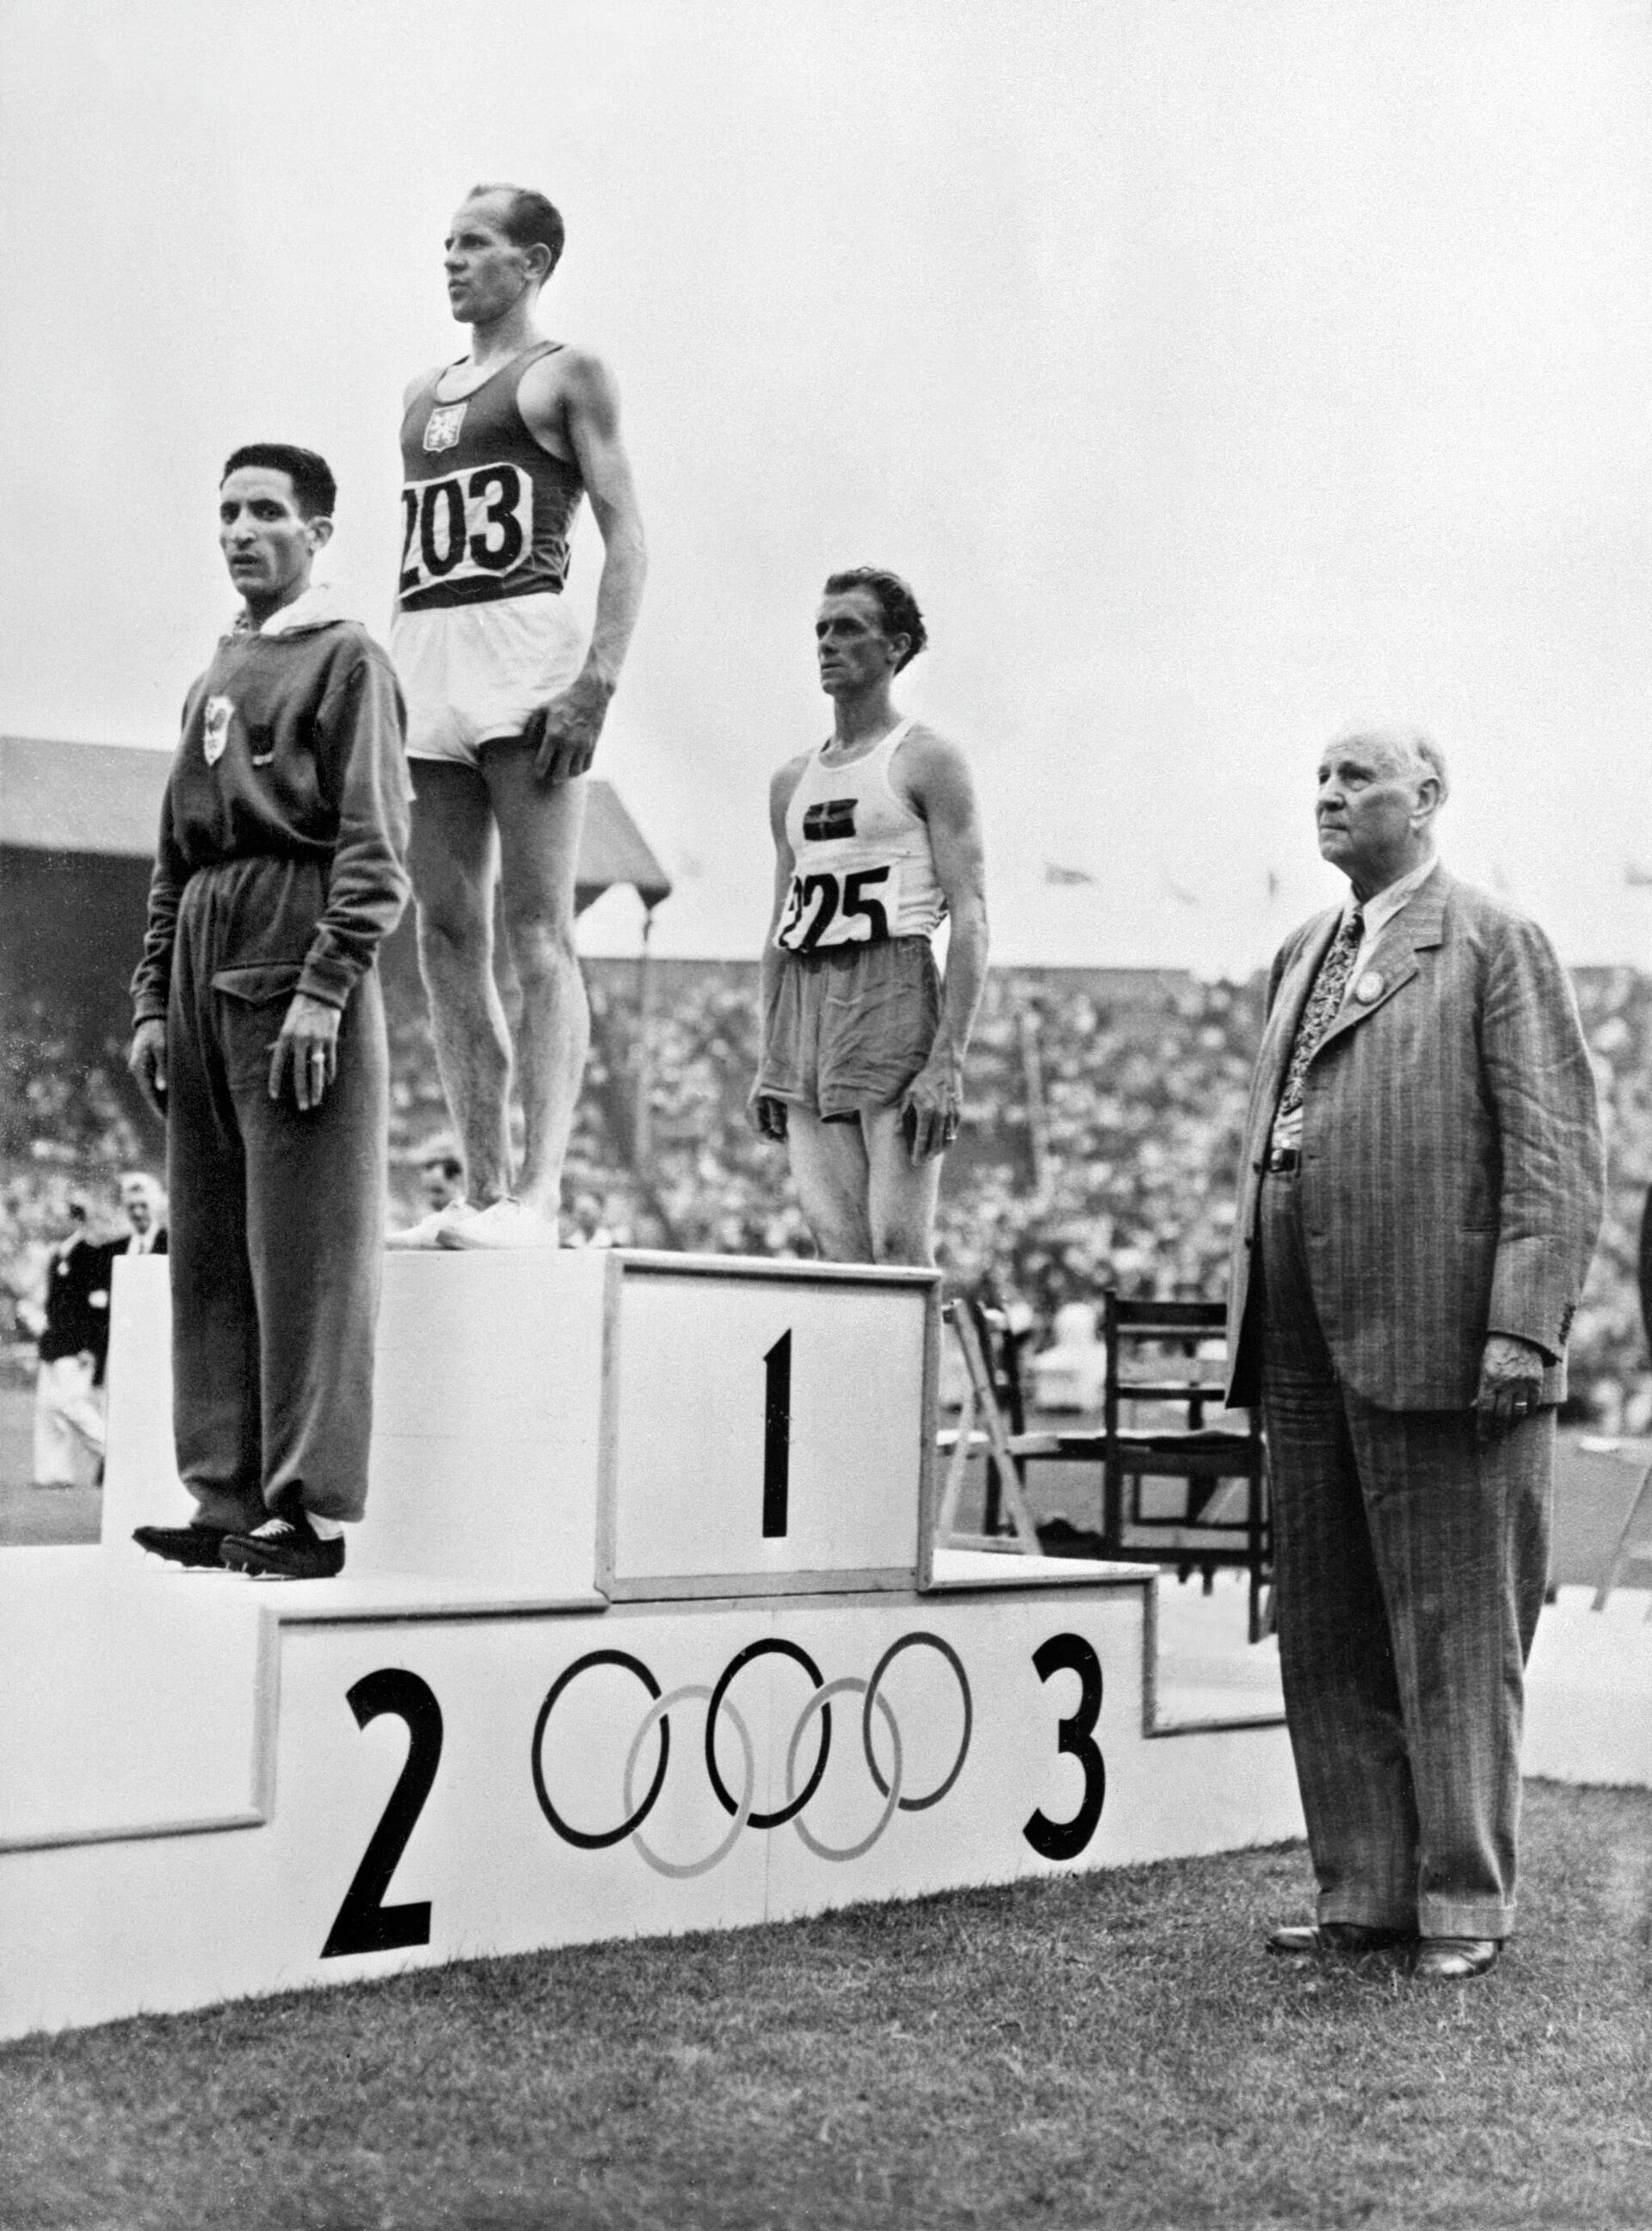 Атлеты Ален Мимун, Эмиль Затопек и Бертиль Альбертссон на церемонии награждения на Олимпийских играх 1948 года в Лондоне - РИА Новости, 1920, 03.07.2021